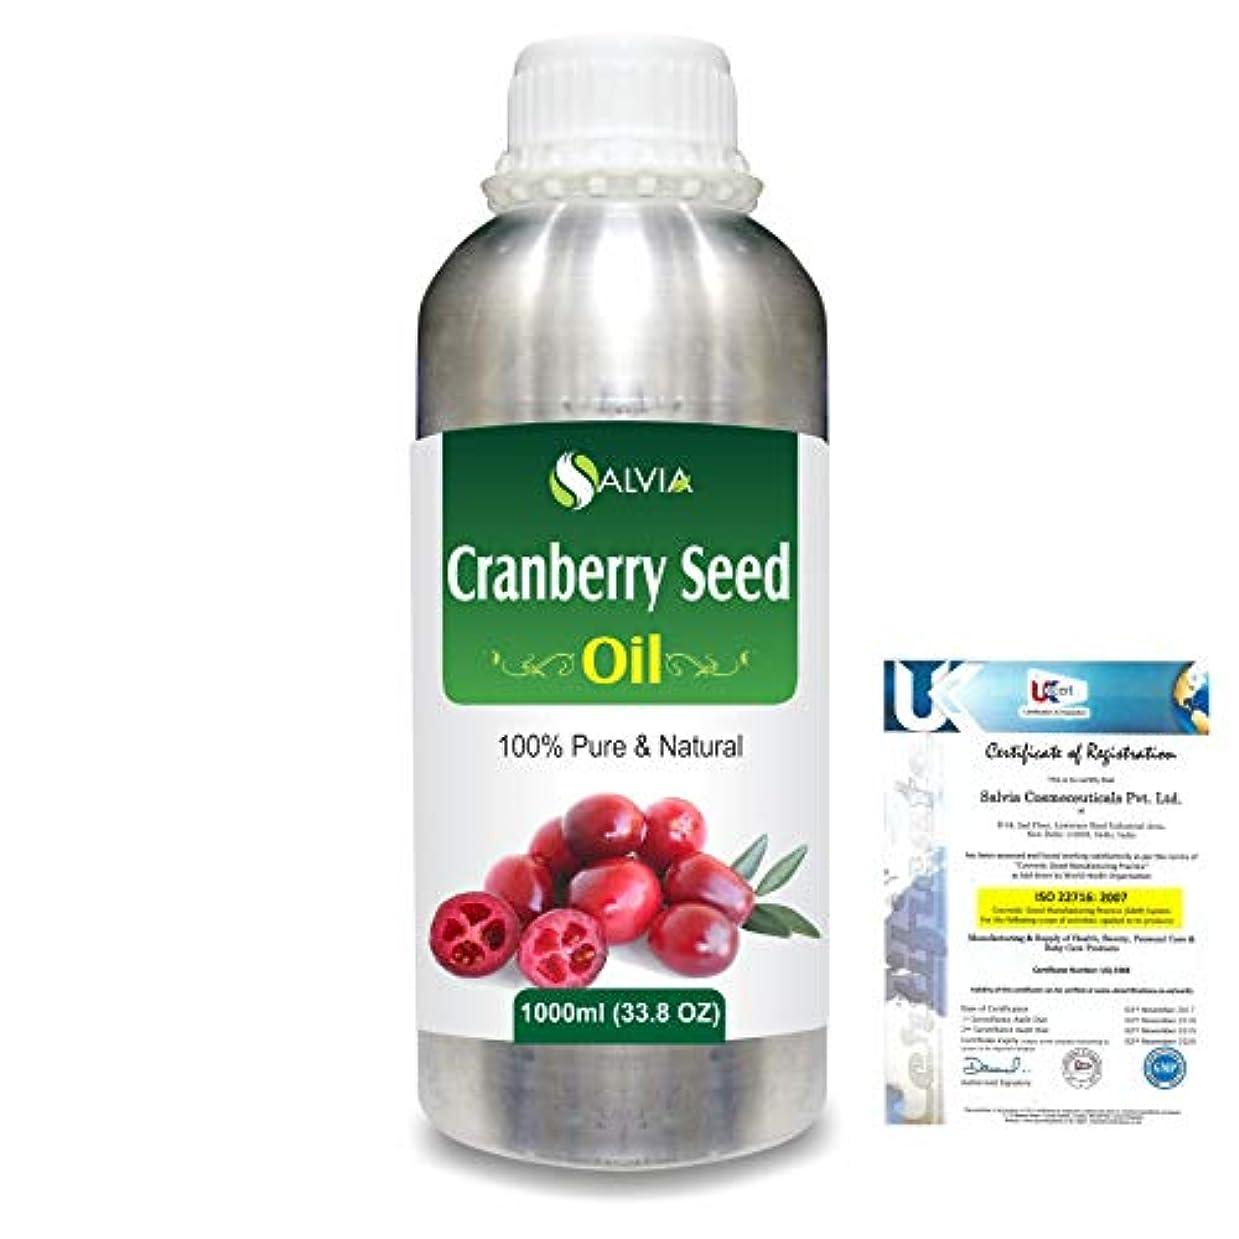 収穫葉巻ベッドを作るCranberry Seed (Vaccinium macrocarpon)100% Natural Pure Carrier Oil 1000ml/33.8fl.oz.